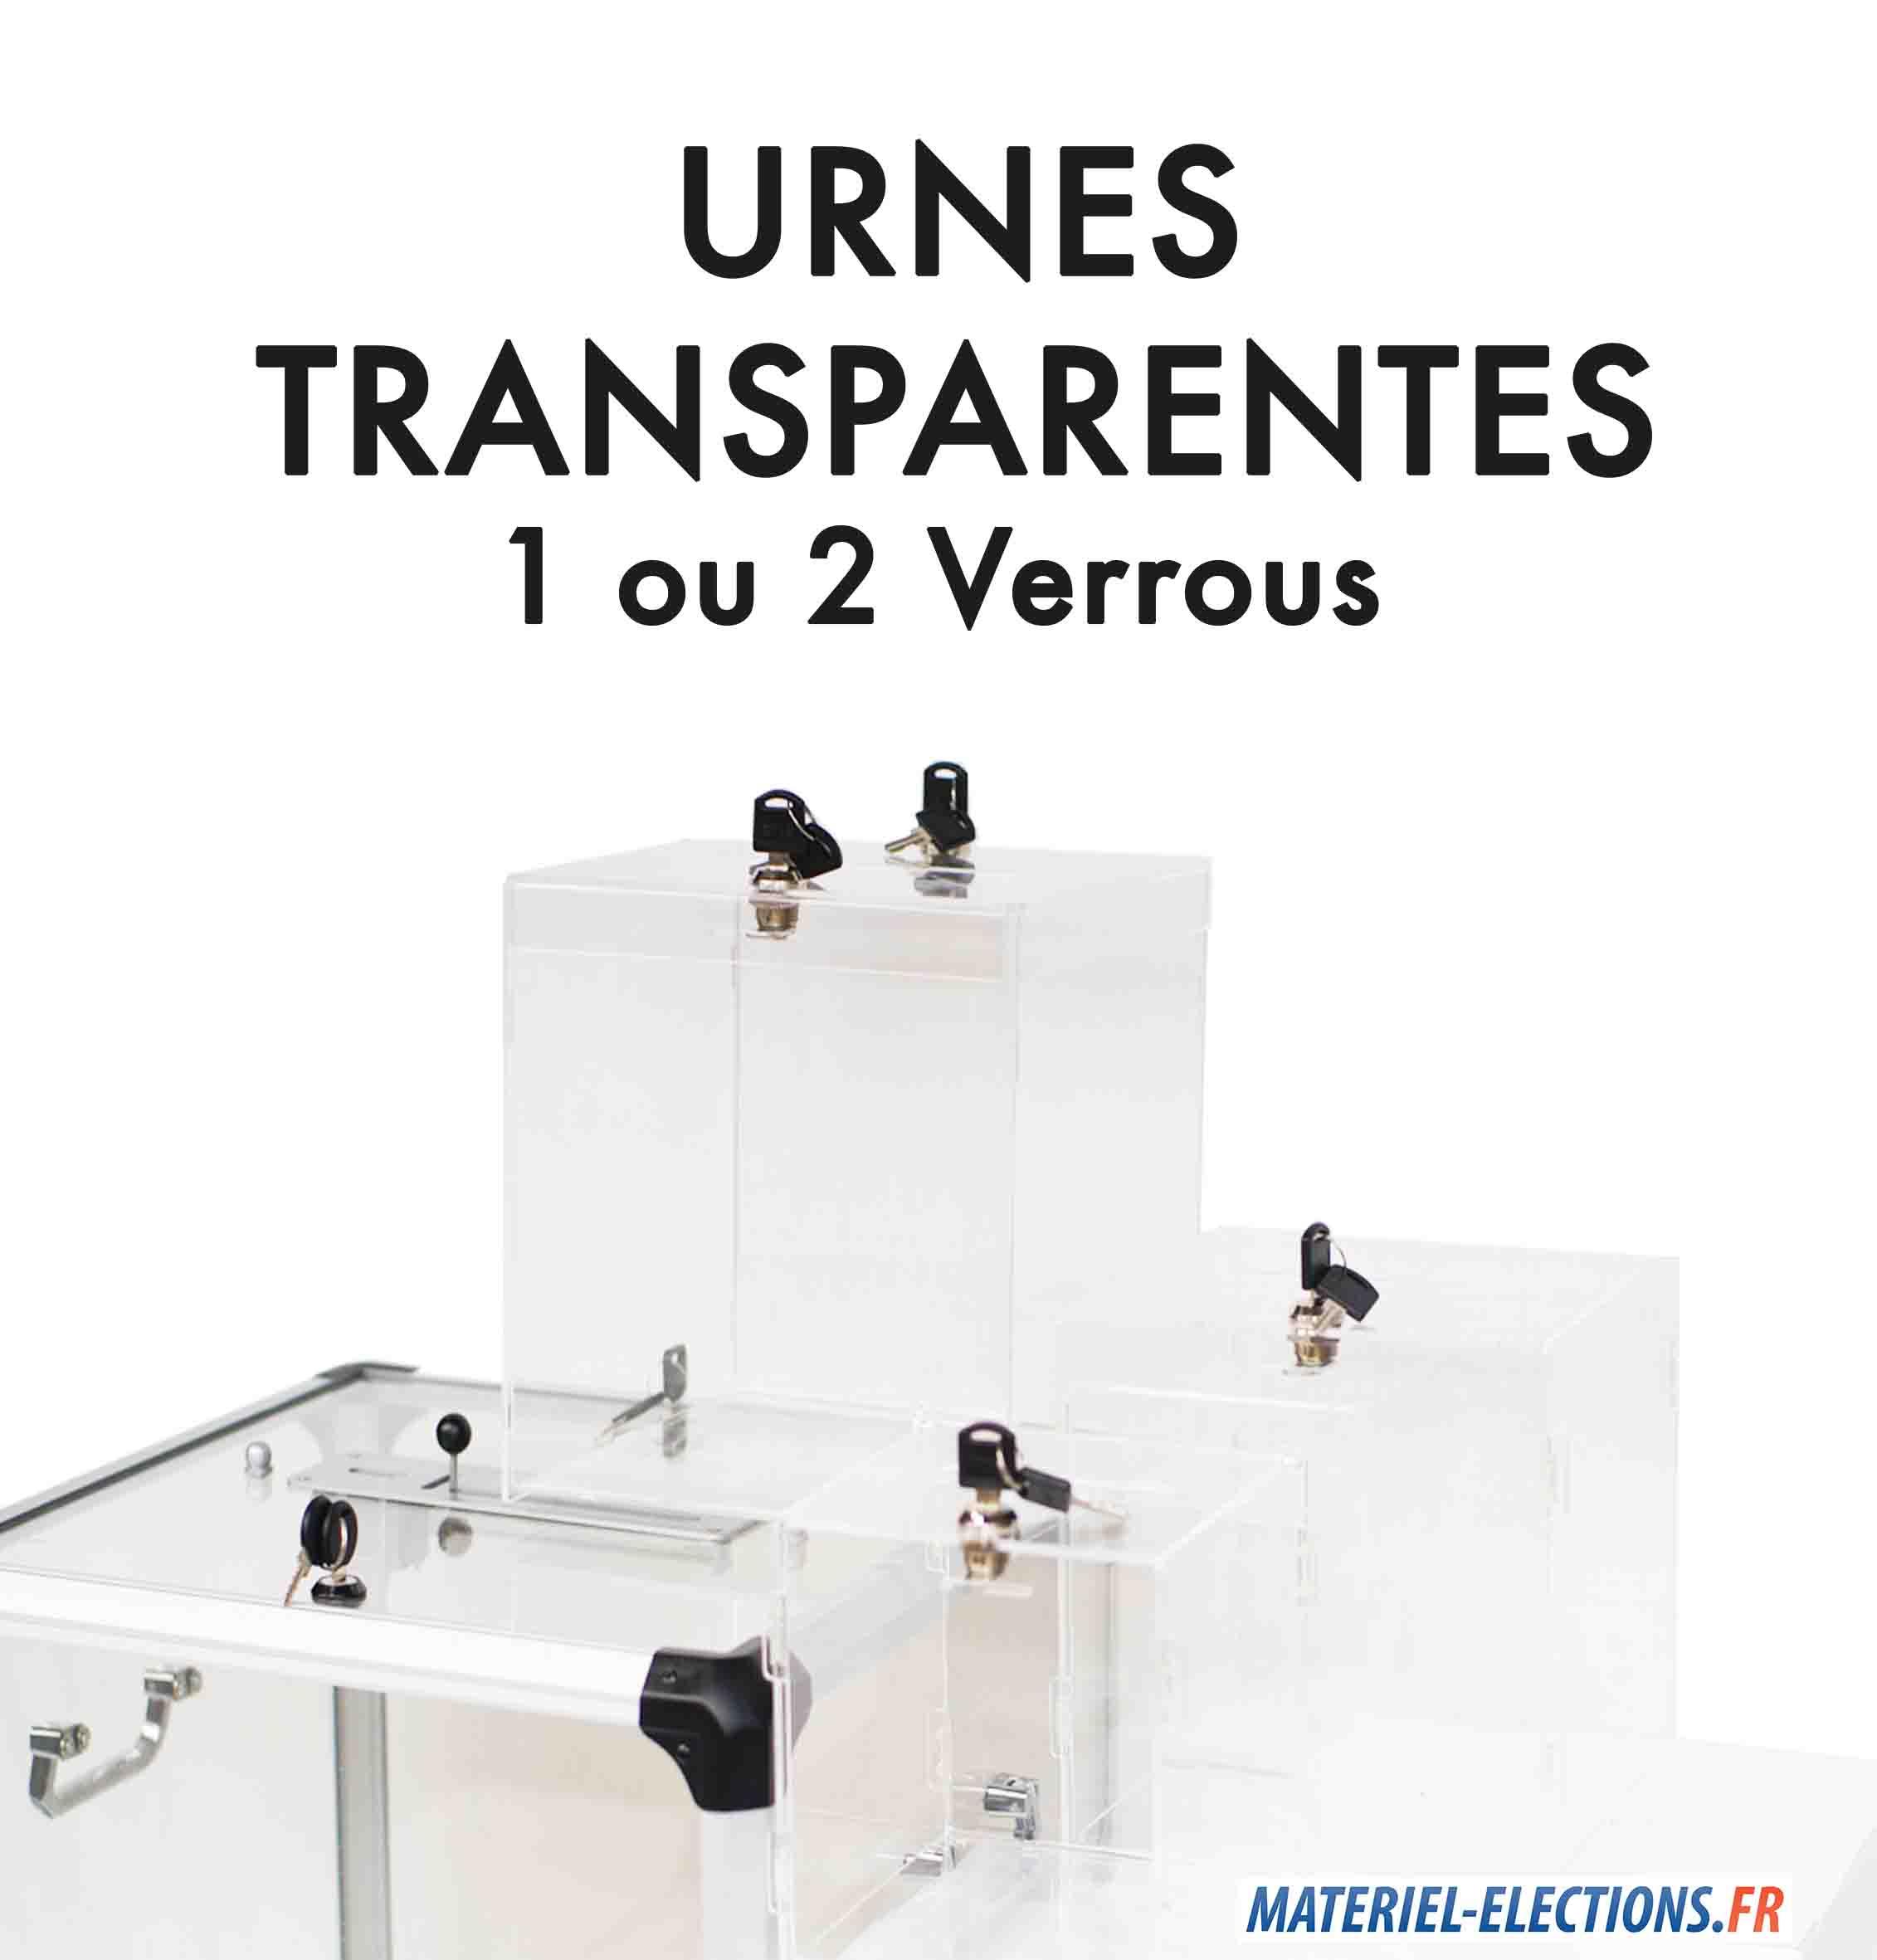 Urne de vote transparentes en plexiglas avec verrous materiel elections fr - Assesseur titulaire bureau de vote ...